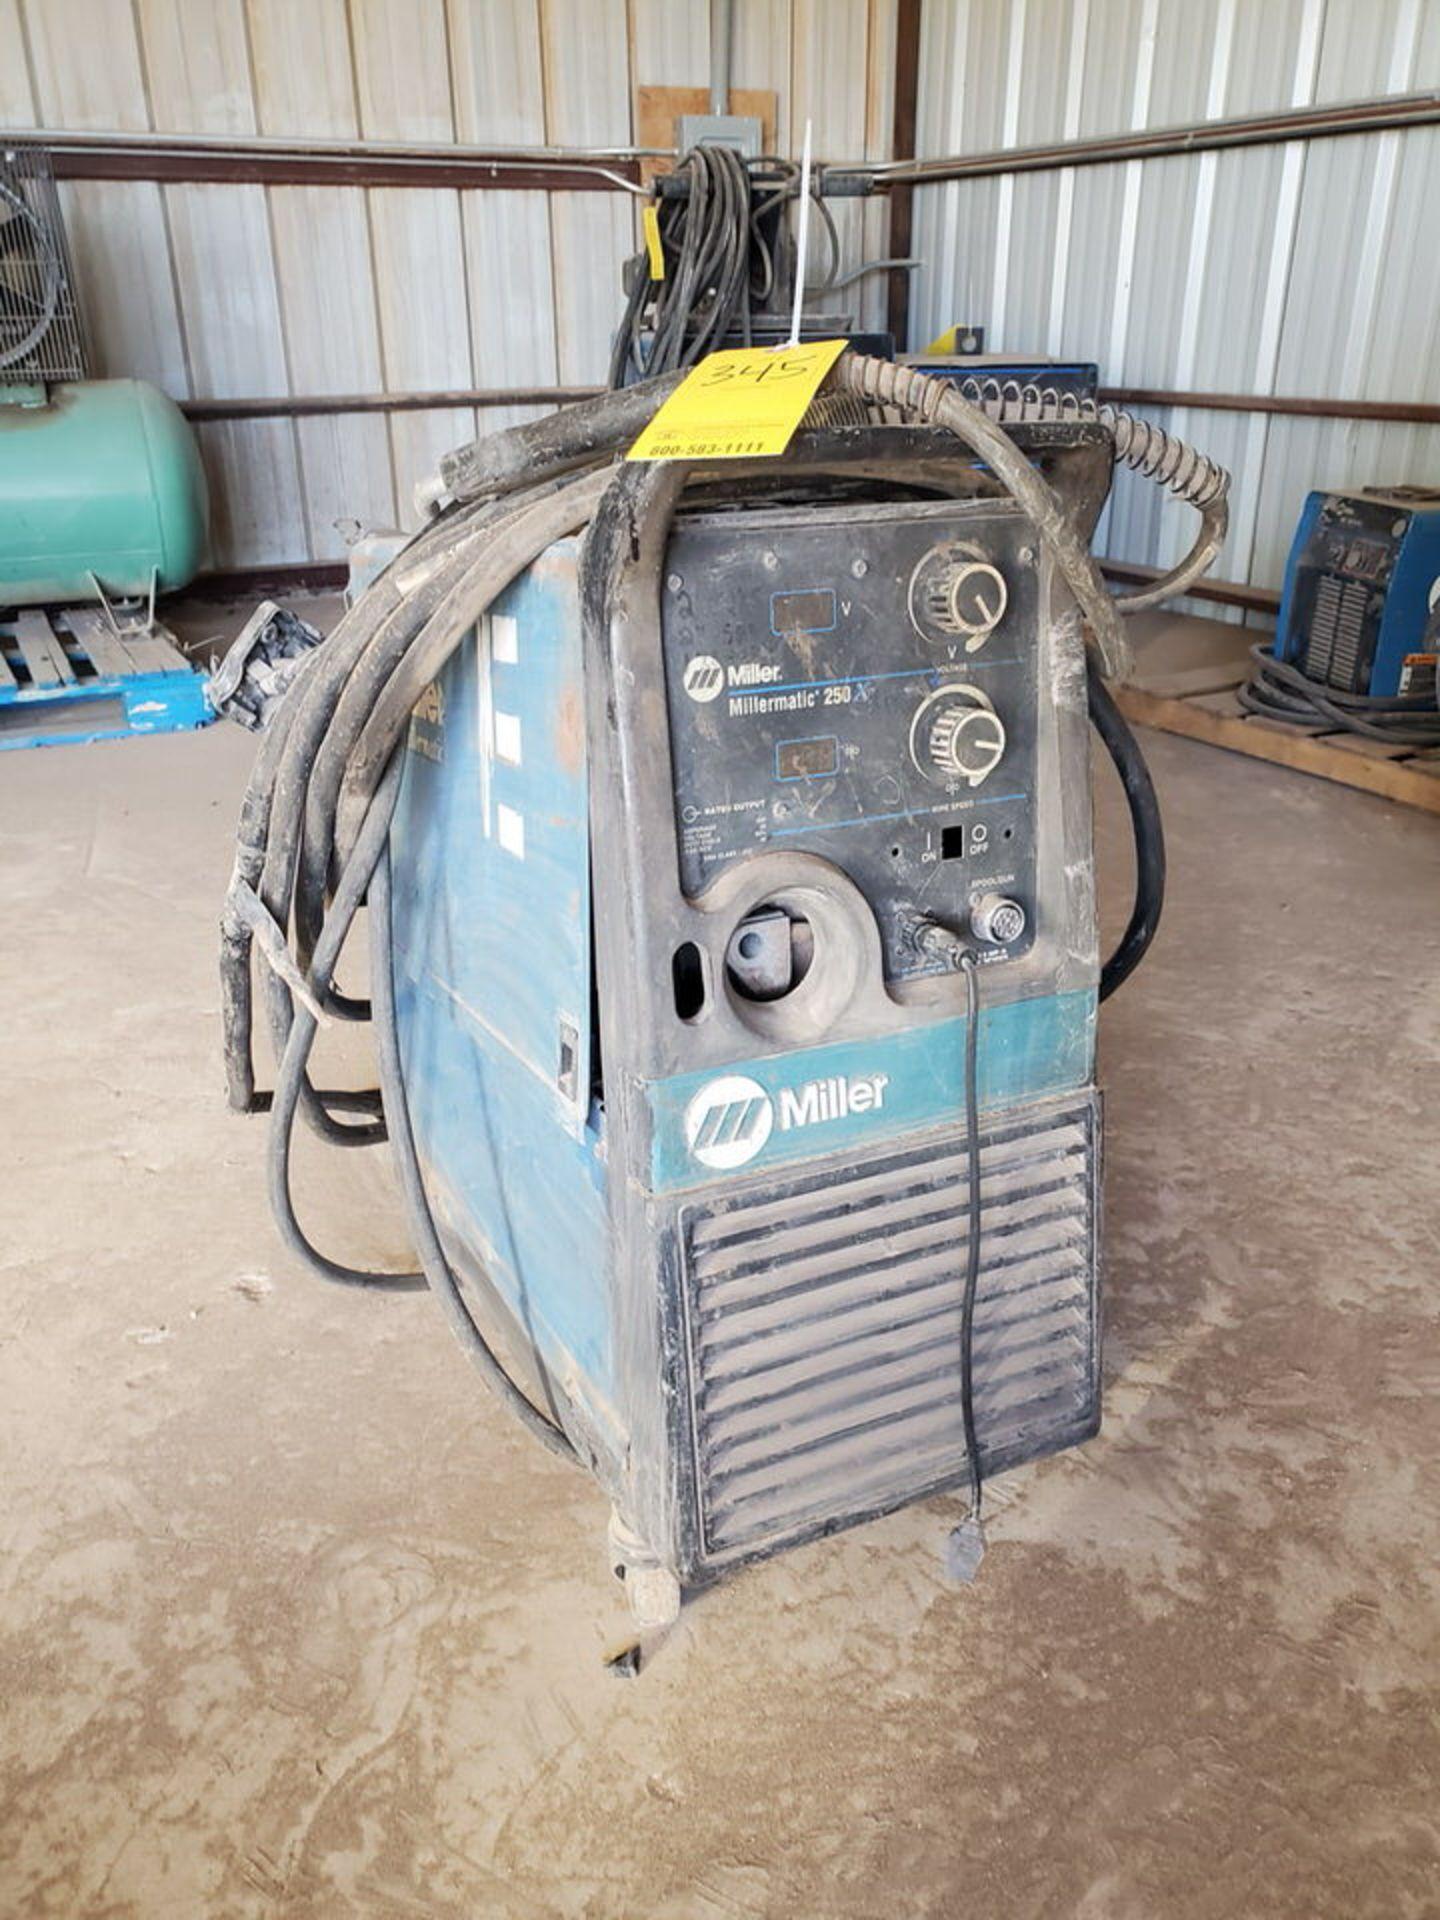 Miller Millermatic 250 Plasma Cutter 200/230V, 48/42A, 1PH, 60HZ